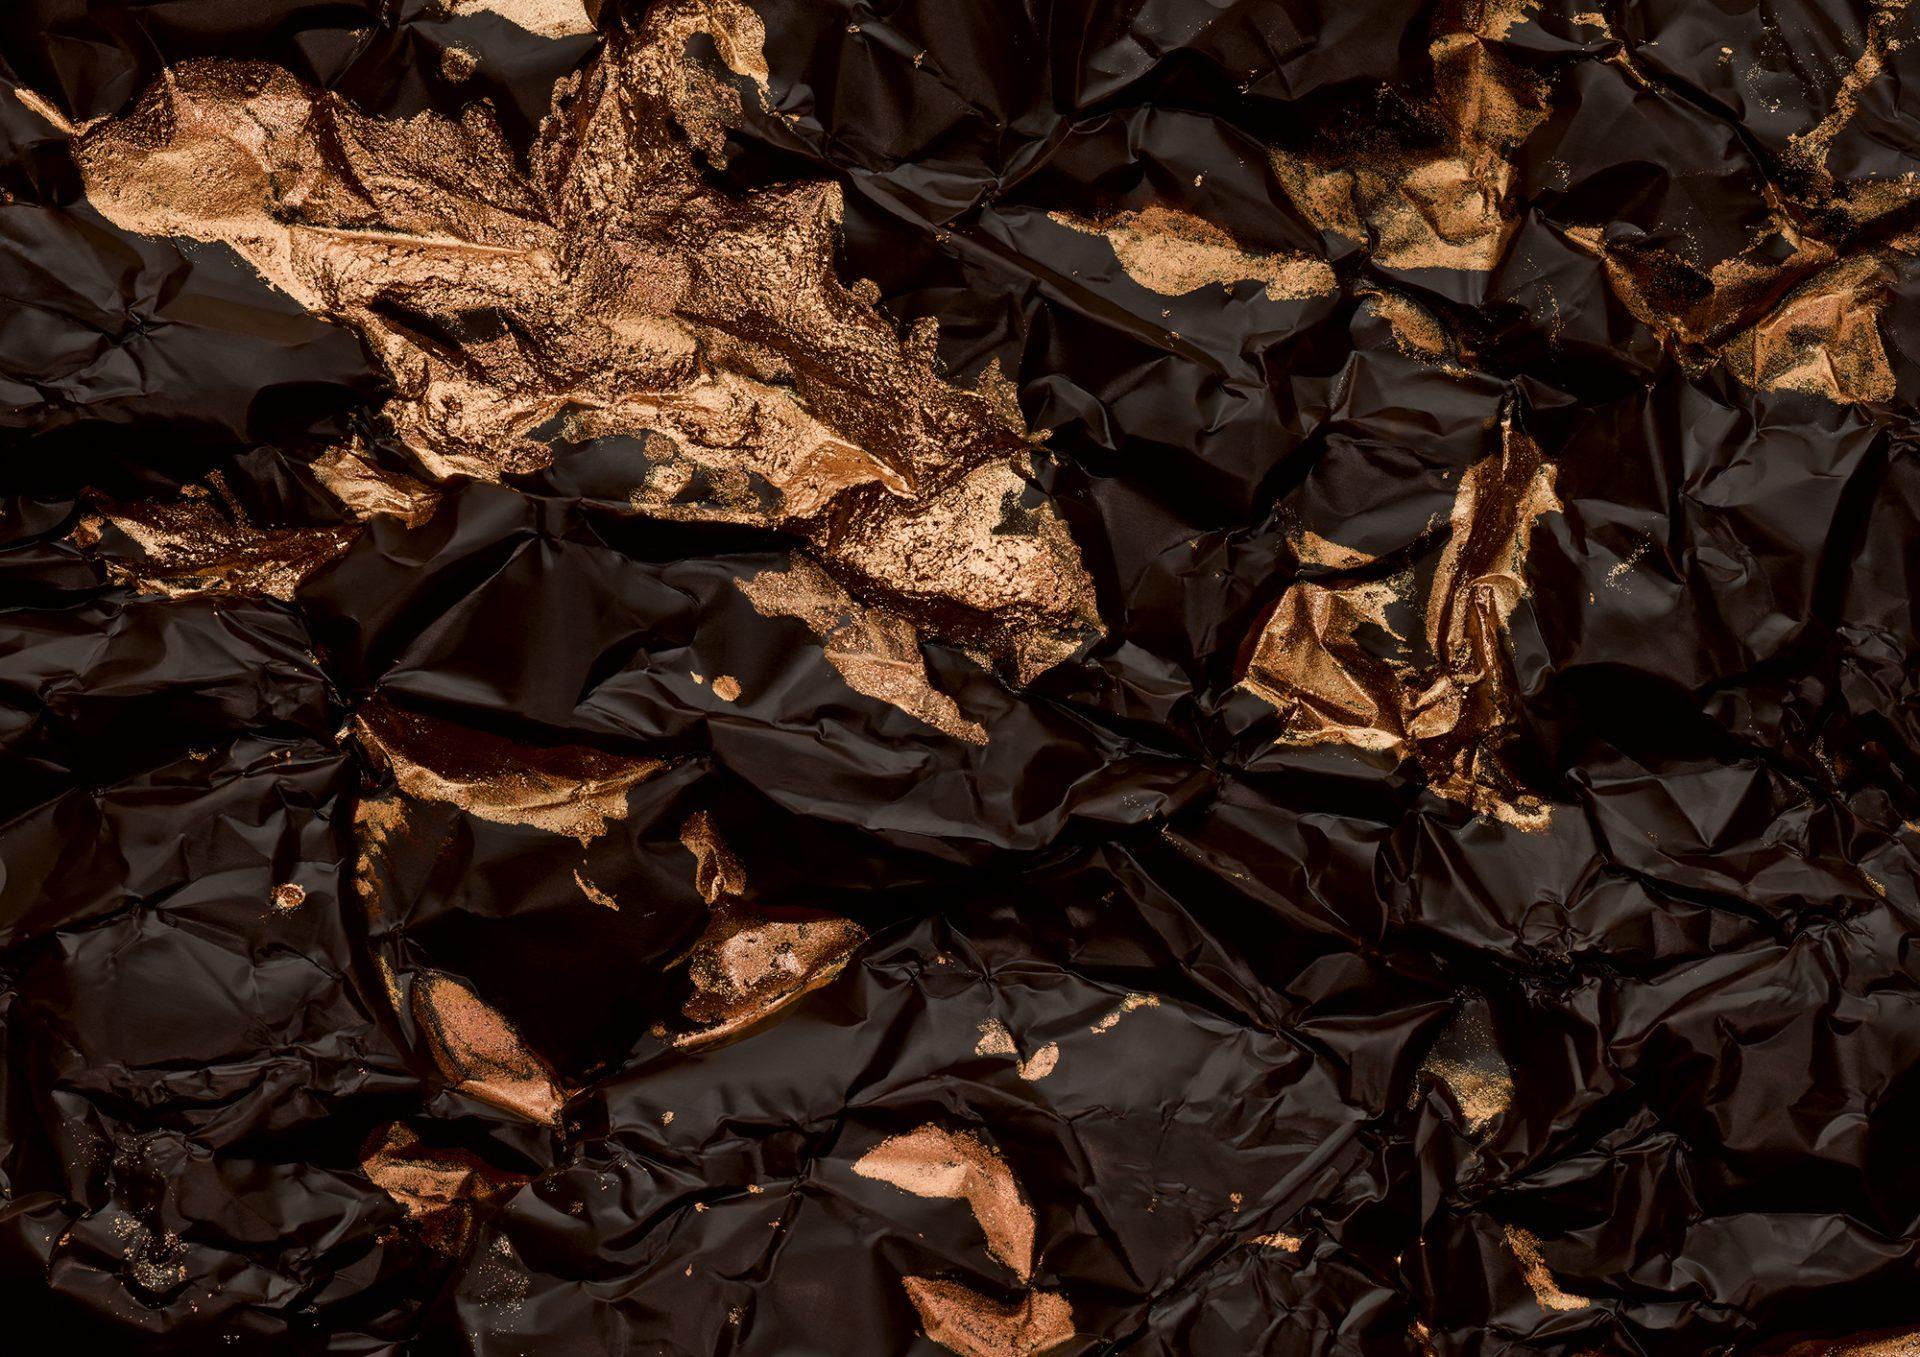 Makroaufnahmen von Schokoladen kombiniert mit detailreiche Stories stellen die Produkte von Rausch, deren Entstehungsgeschichten und die Menschen dahinter vor.